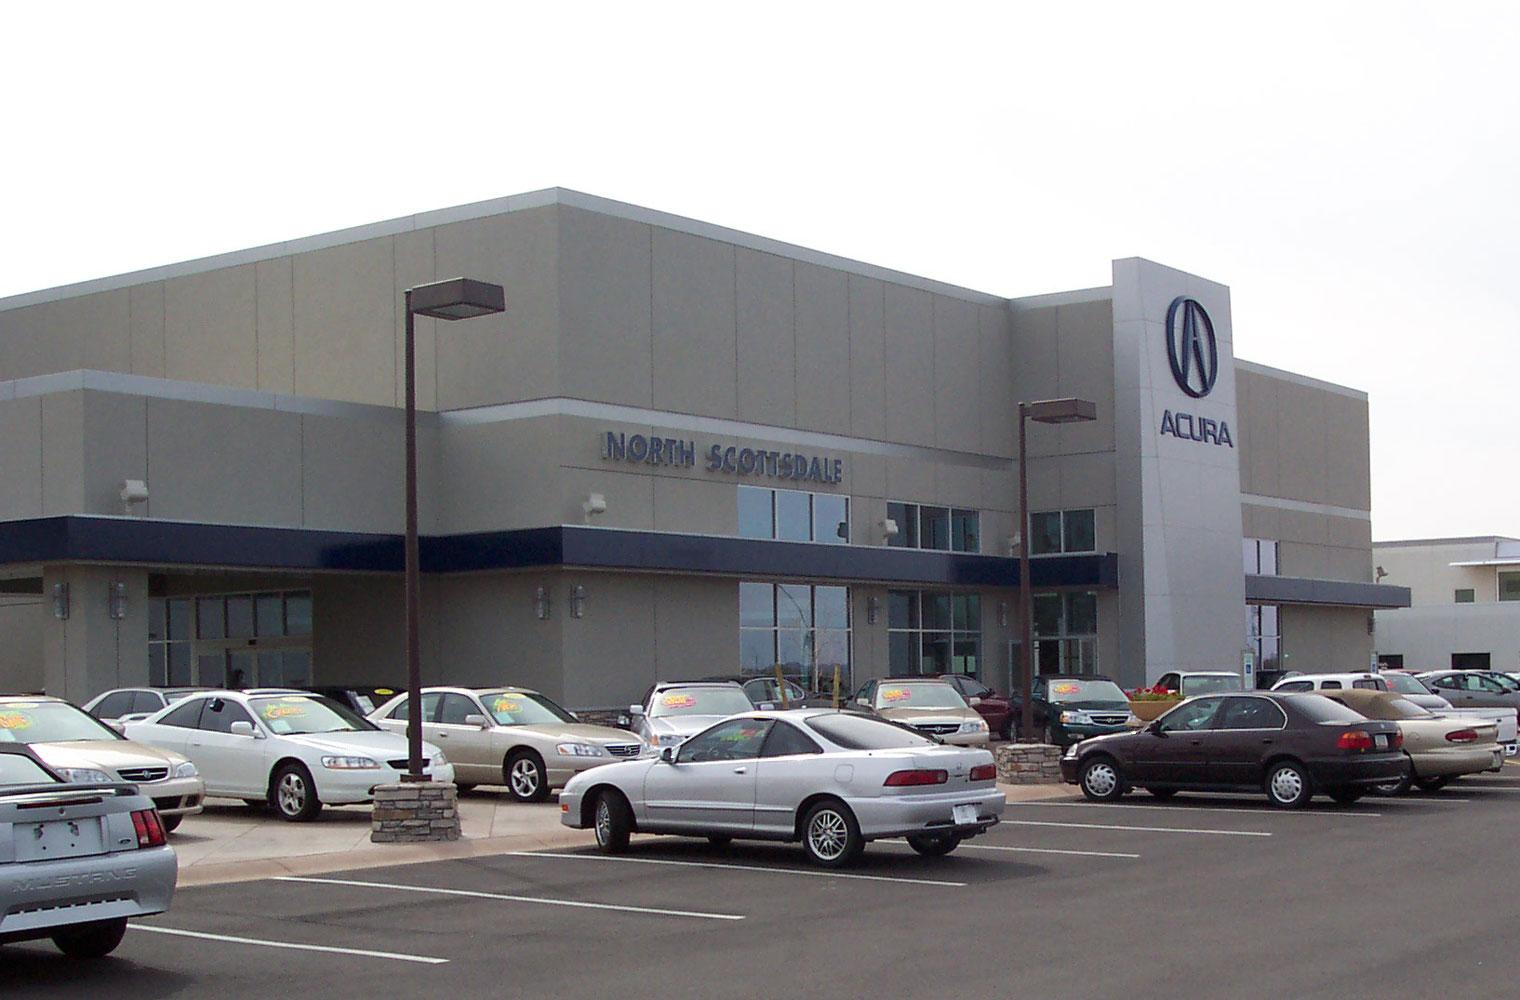 Acura, Scottsdale AZ